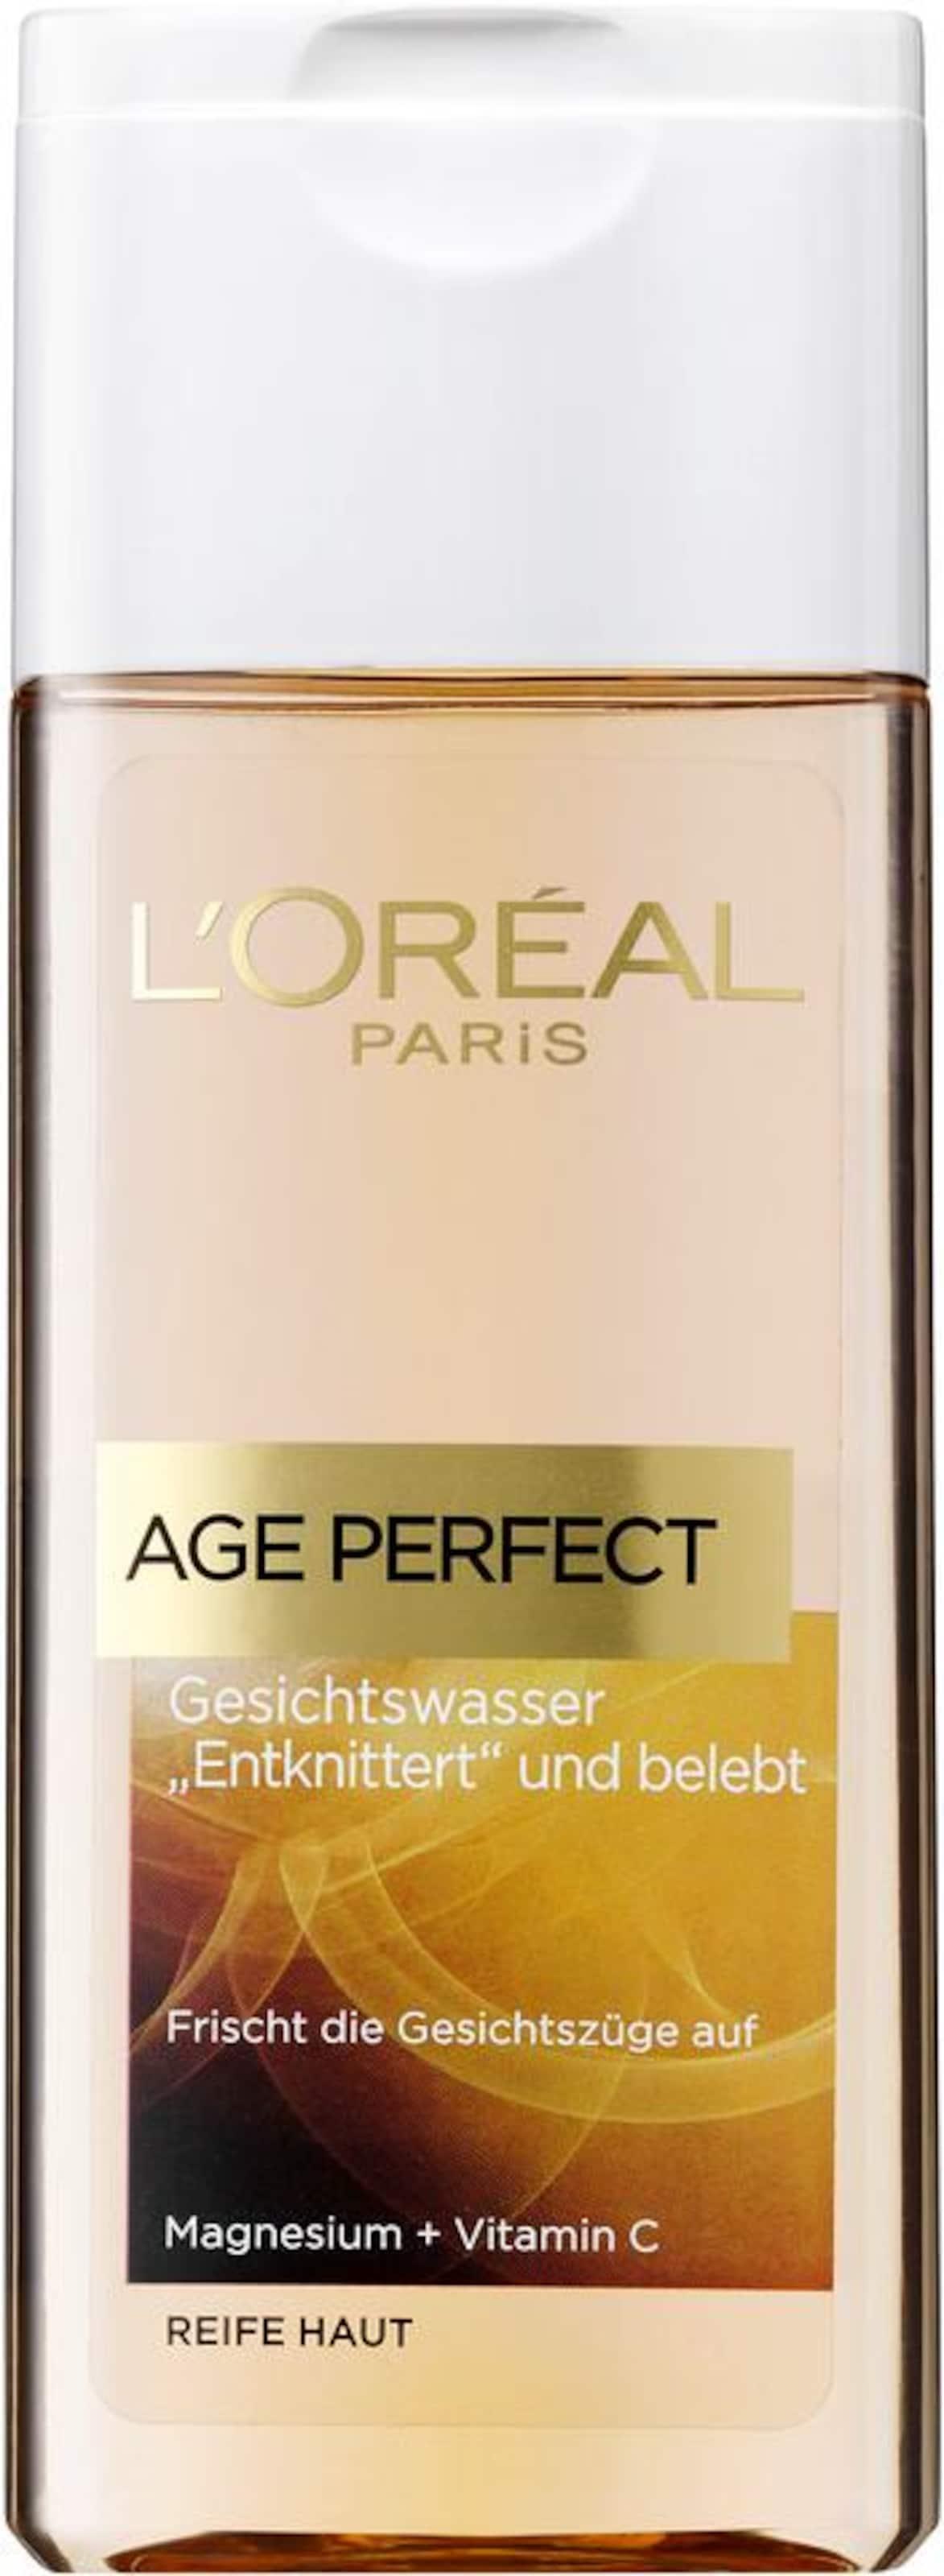 L'Oréal Paris 'Age Perfect Gesichtswasser', Gesichtsreinigung